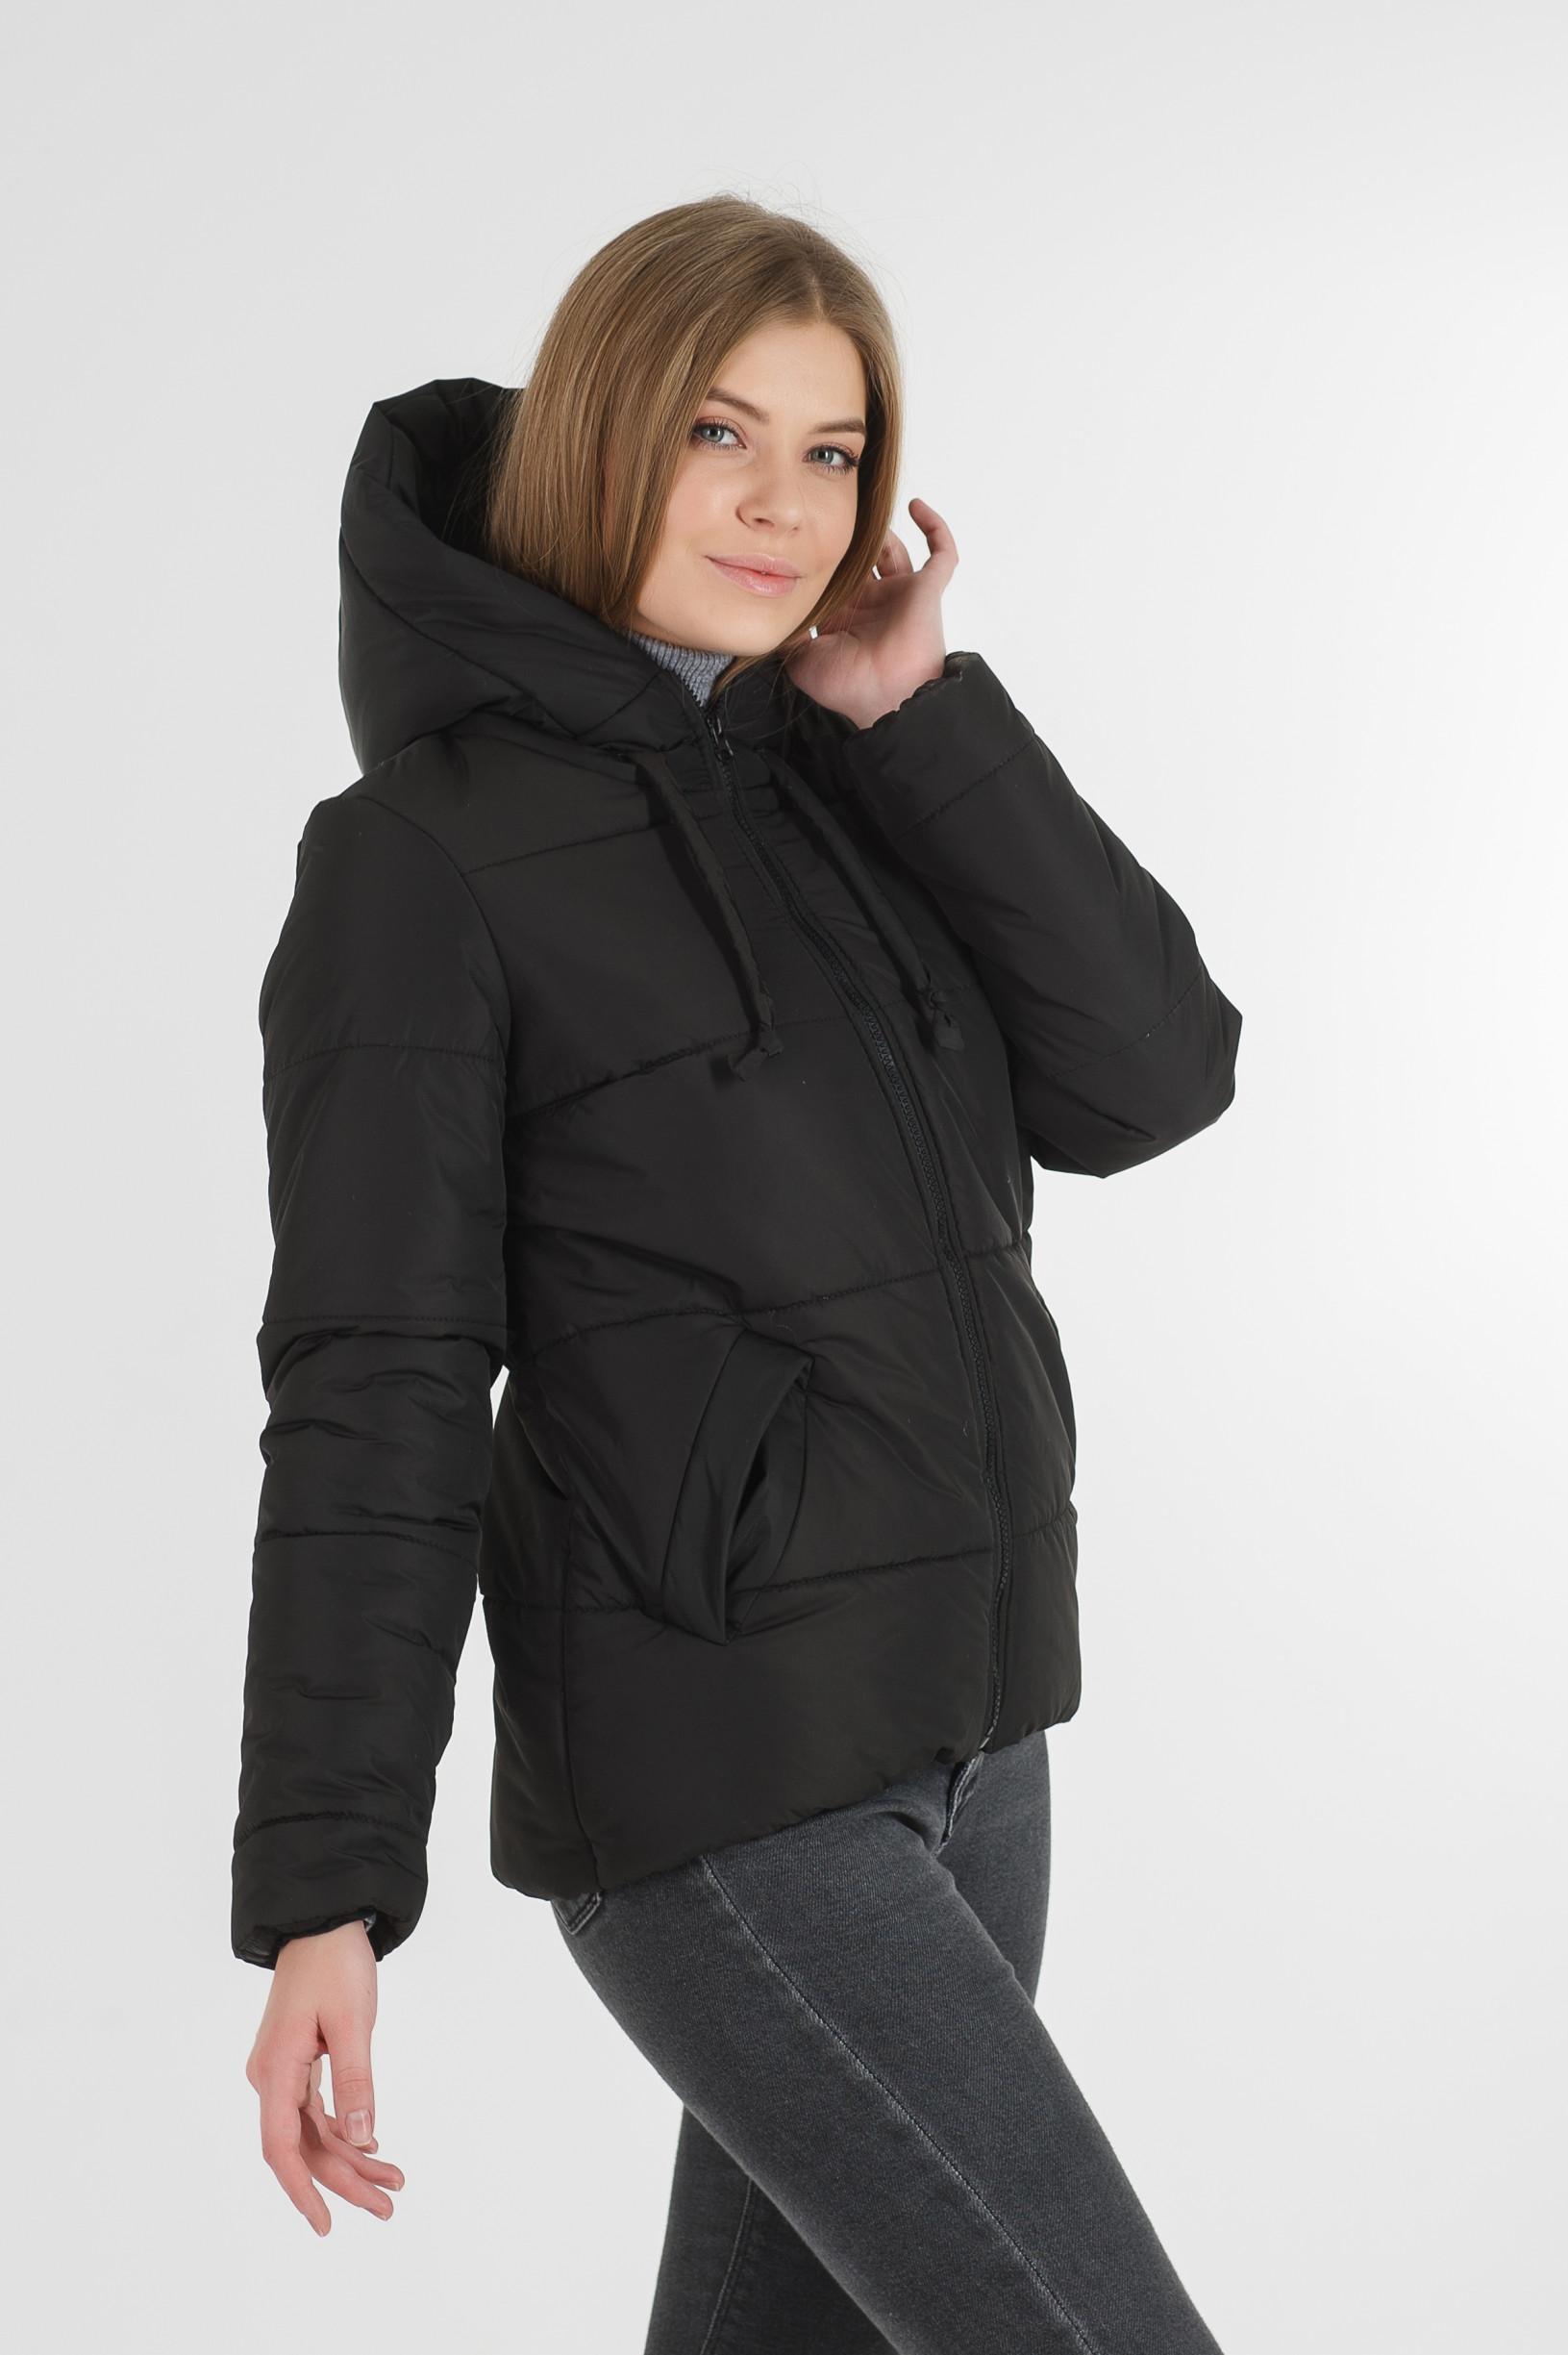 Полуспортивная чёрная куртка для девушки Тутси